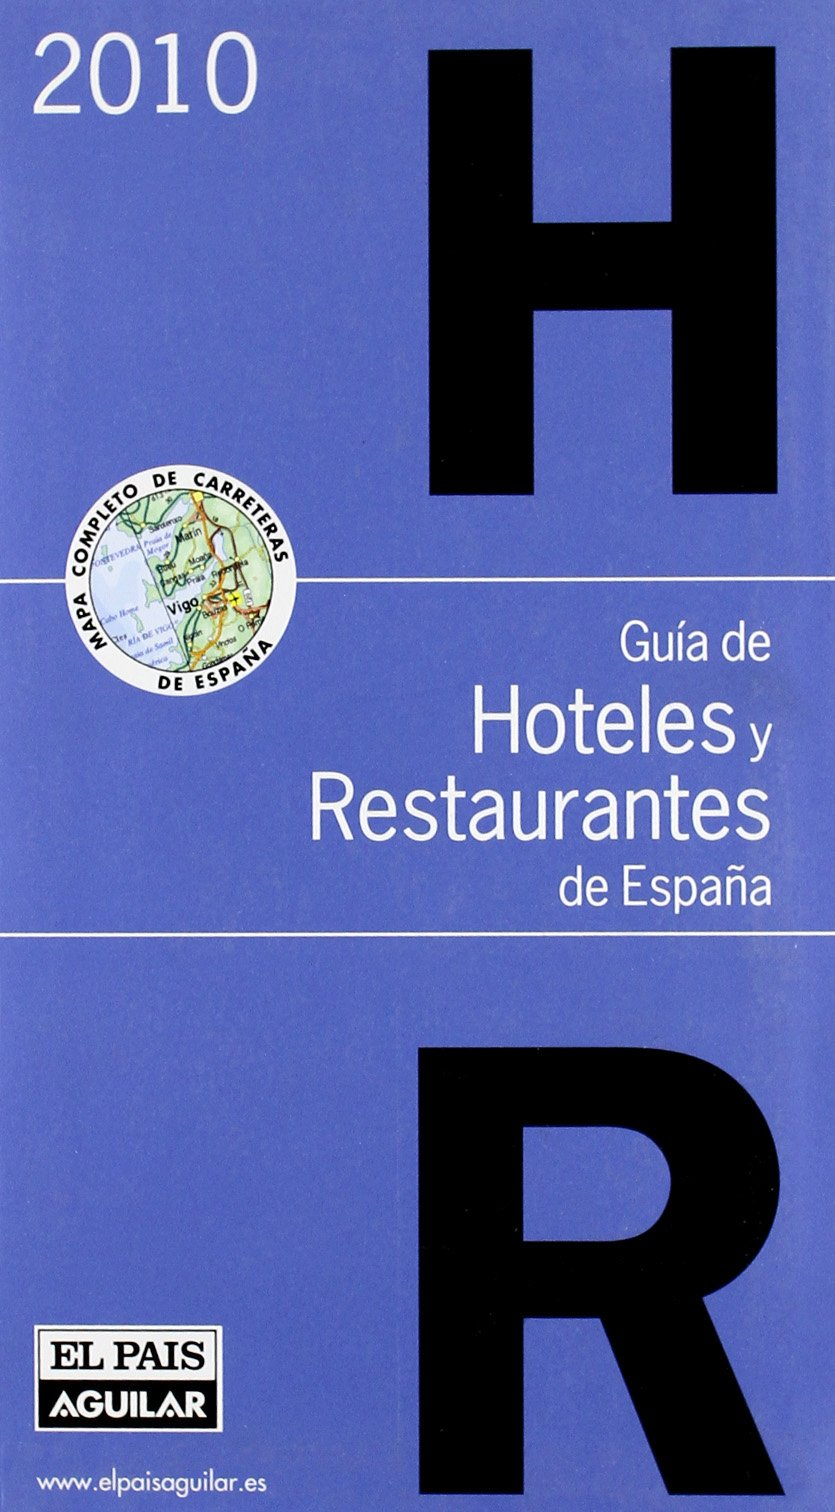 Guía de Hoteles y Restaurantes de España 2010 Guías comentadas ...